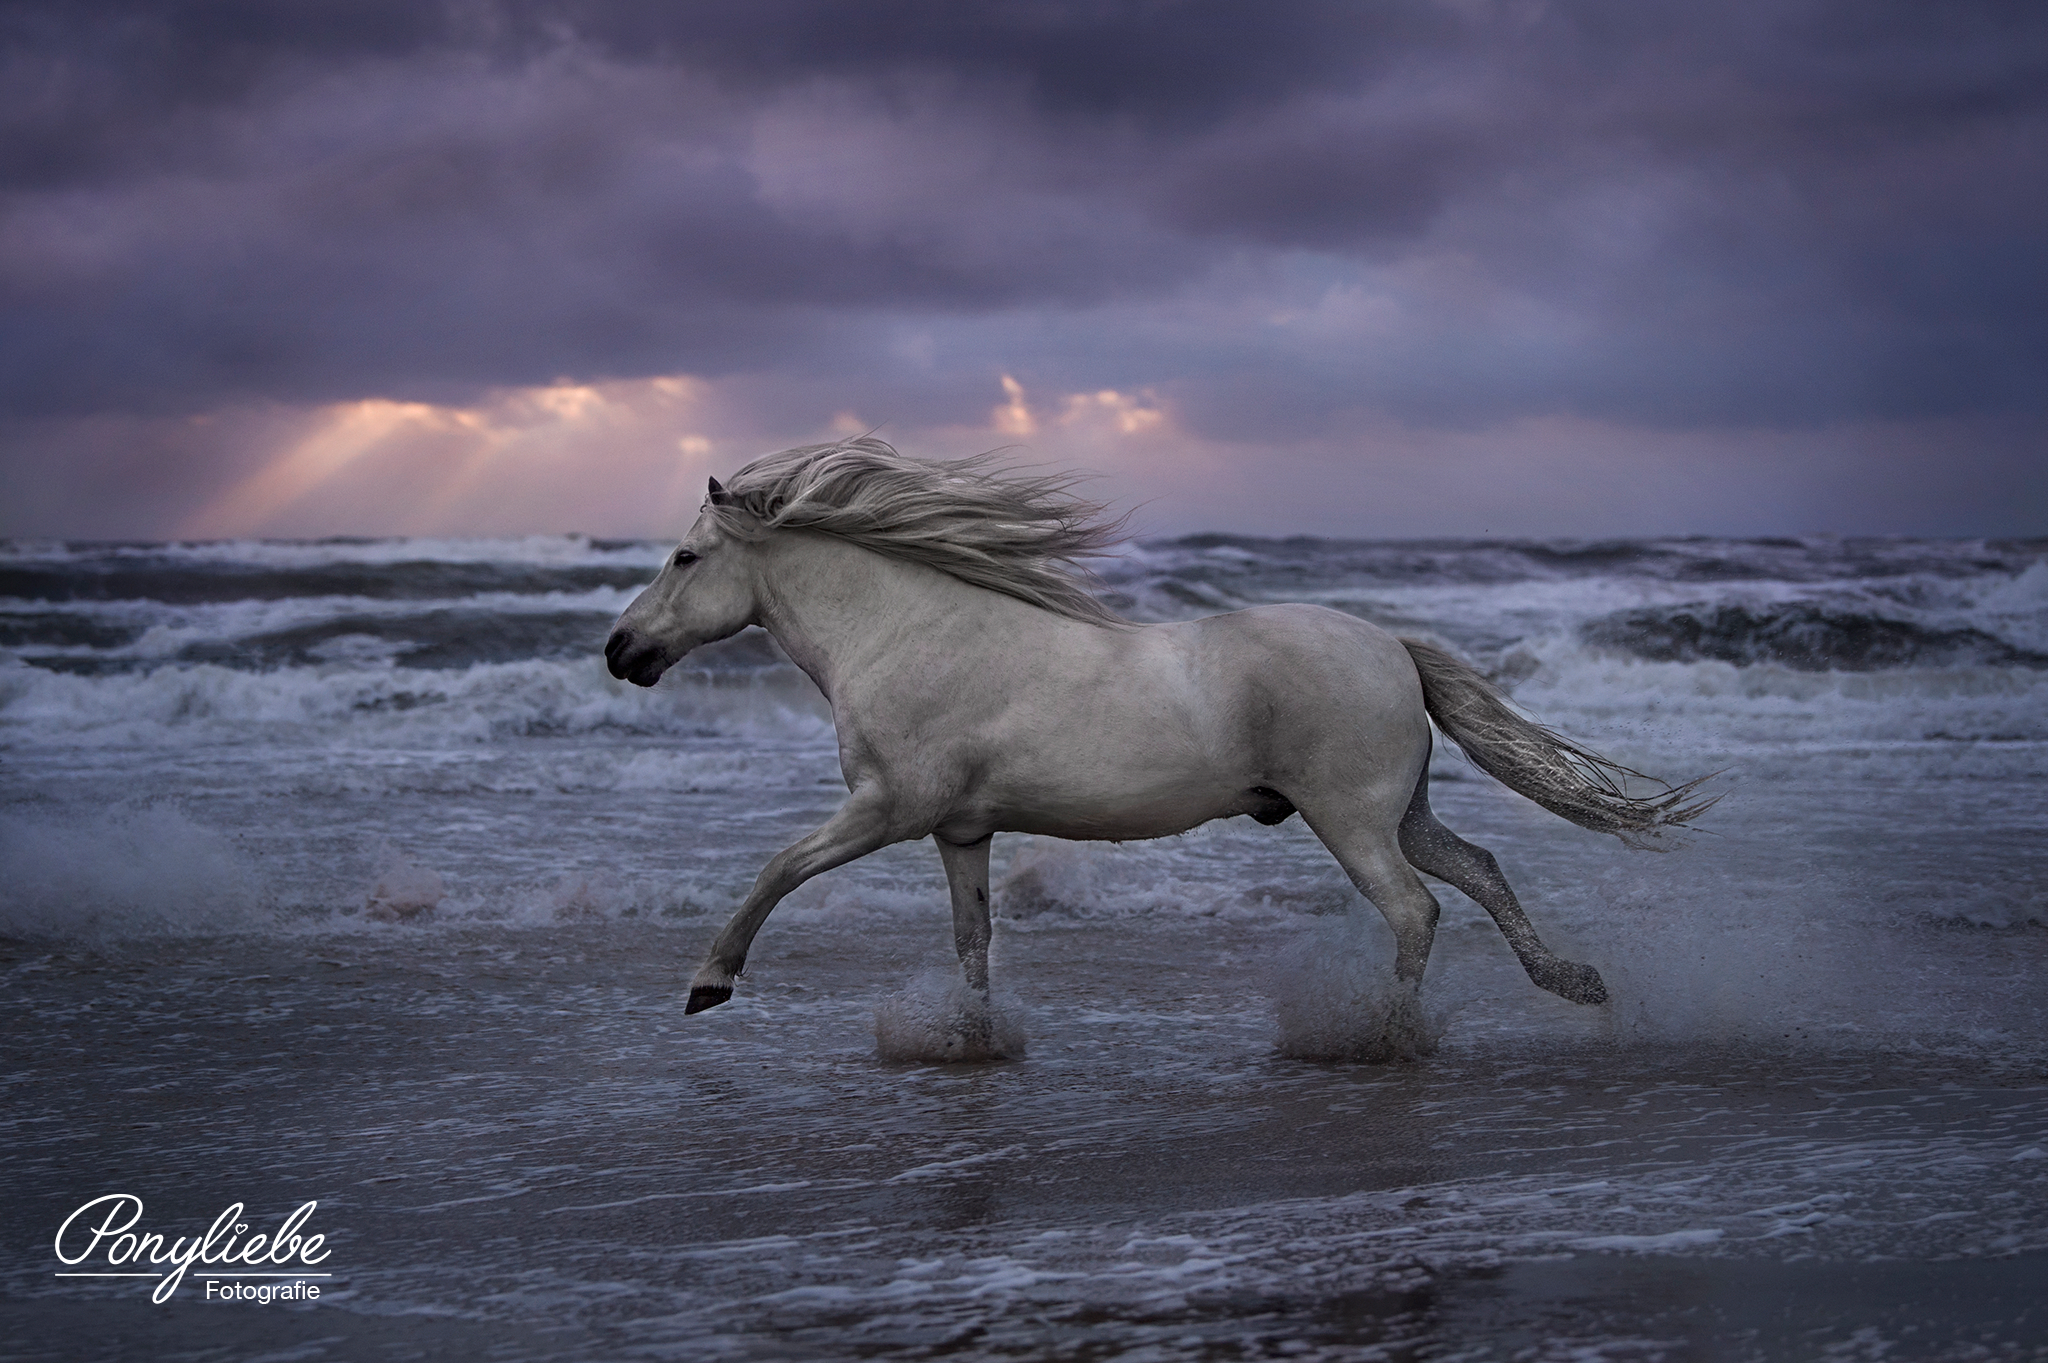 Schimmel Galoppiert Am Strand Pferdefotografie Horsephotography Pferde Fotografie Pferdefotografie Pferdefotos